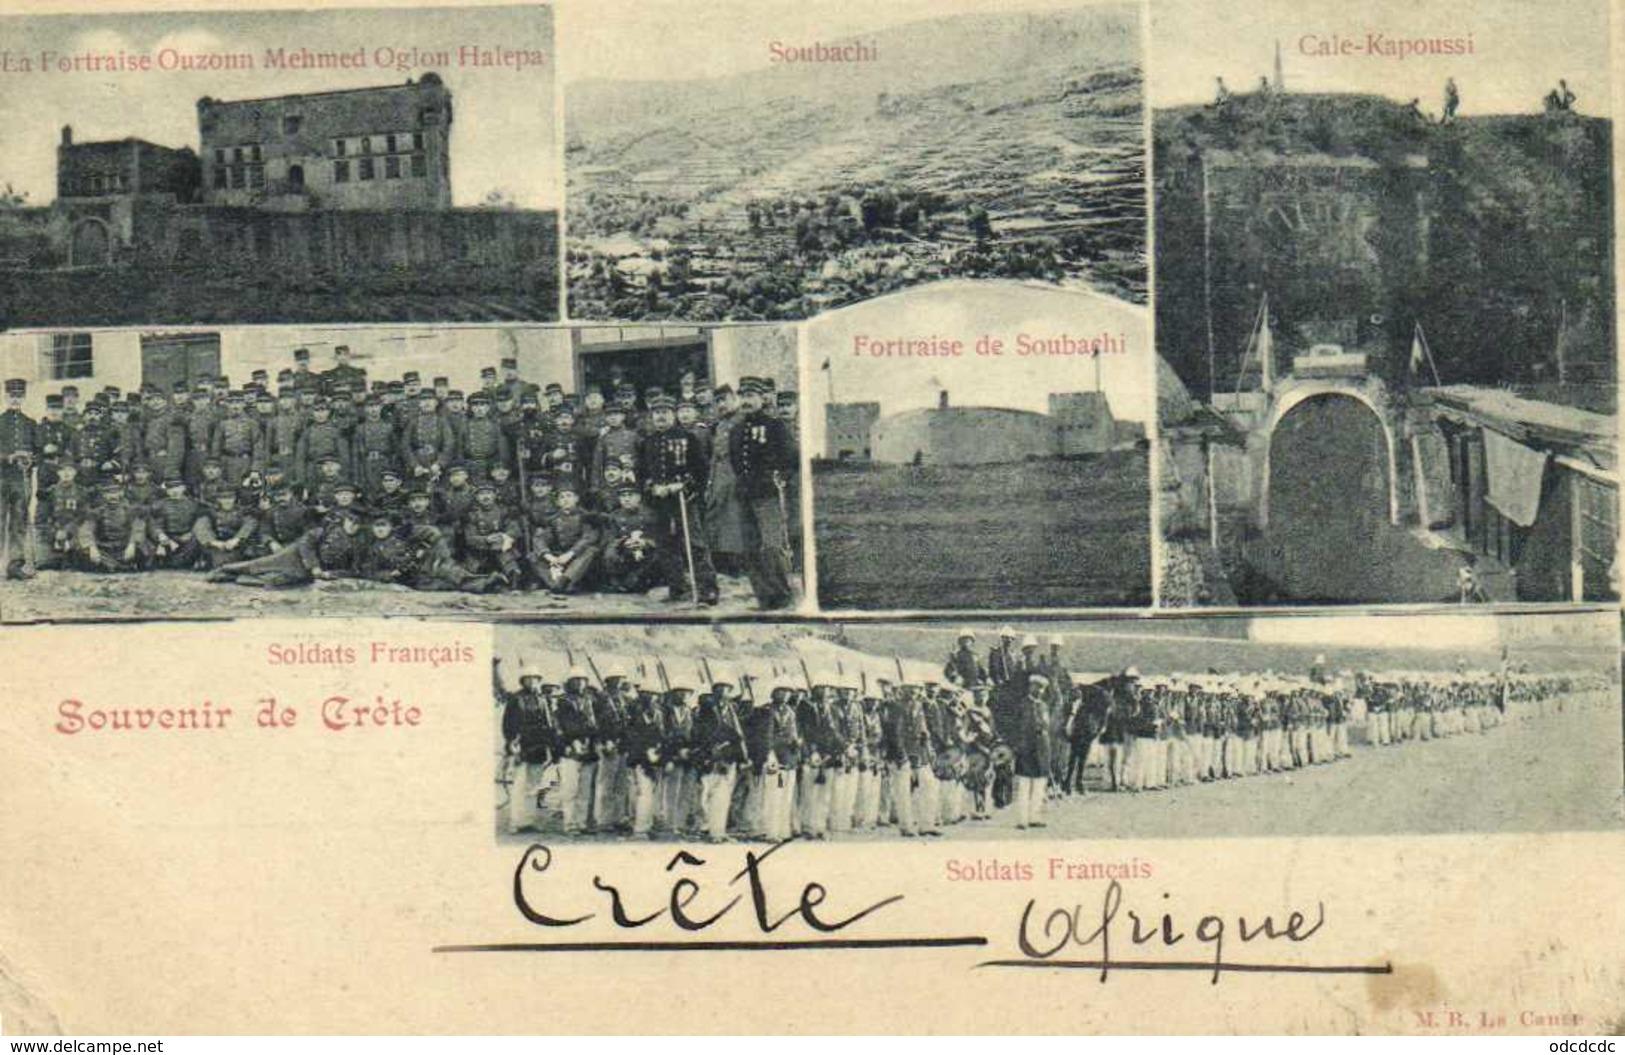 Souvenir De Crète Sldats Francais Soubachi Fortraise De Soubachi Cale Kapousi La Fortraise Ouzonn Mehmed Oglon Halepa RV - Grèce